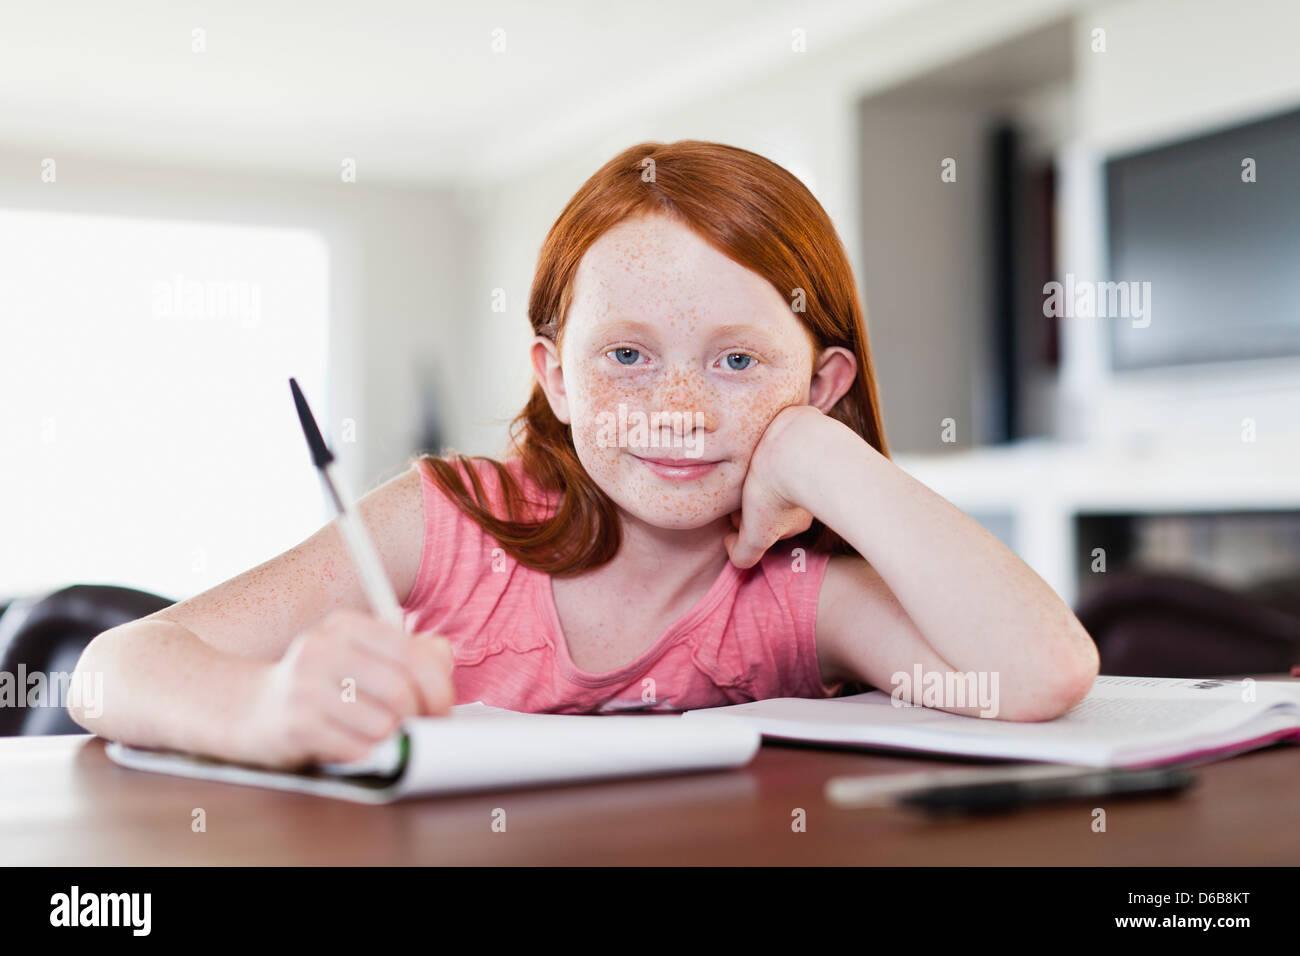 Ragazza sorridente facendo i compiti di scuola Immagini Stock